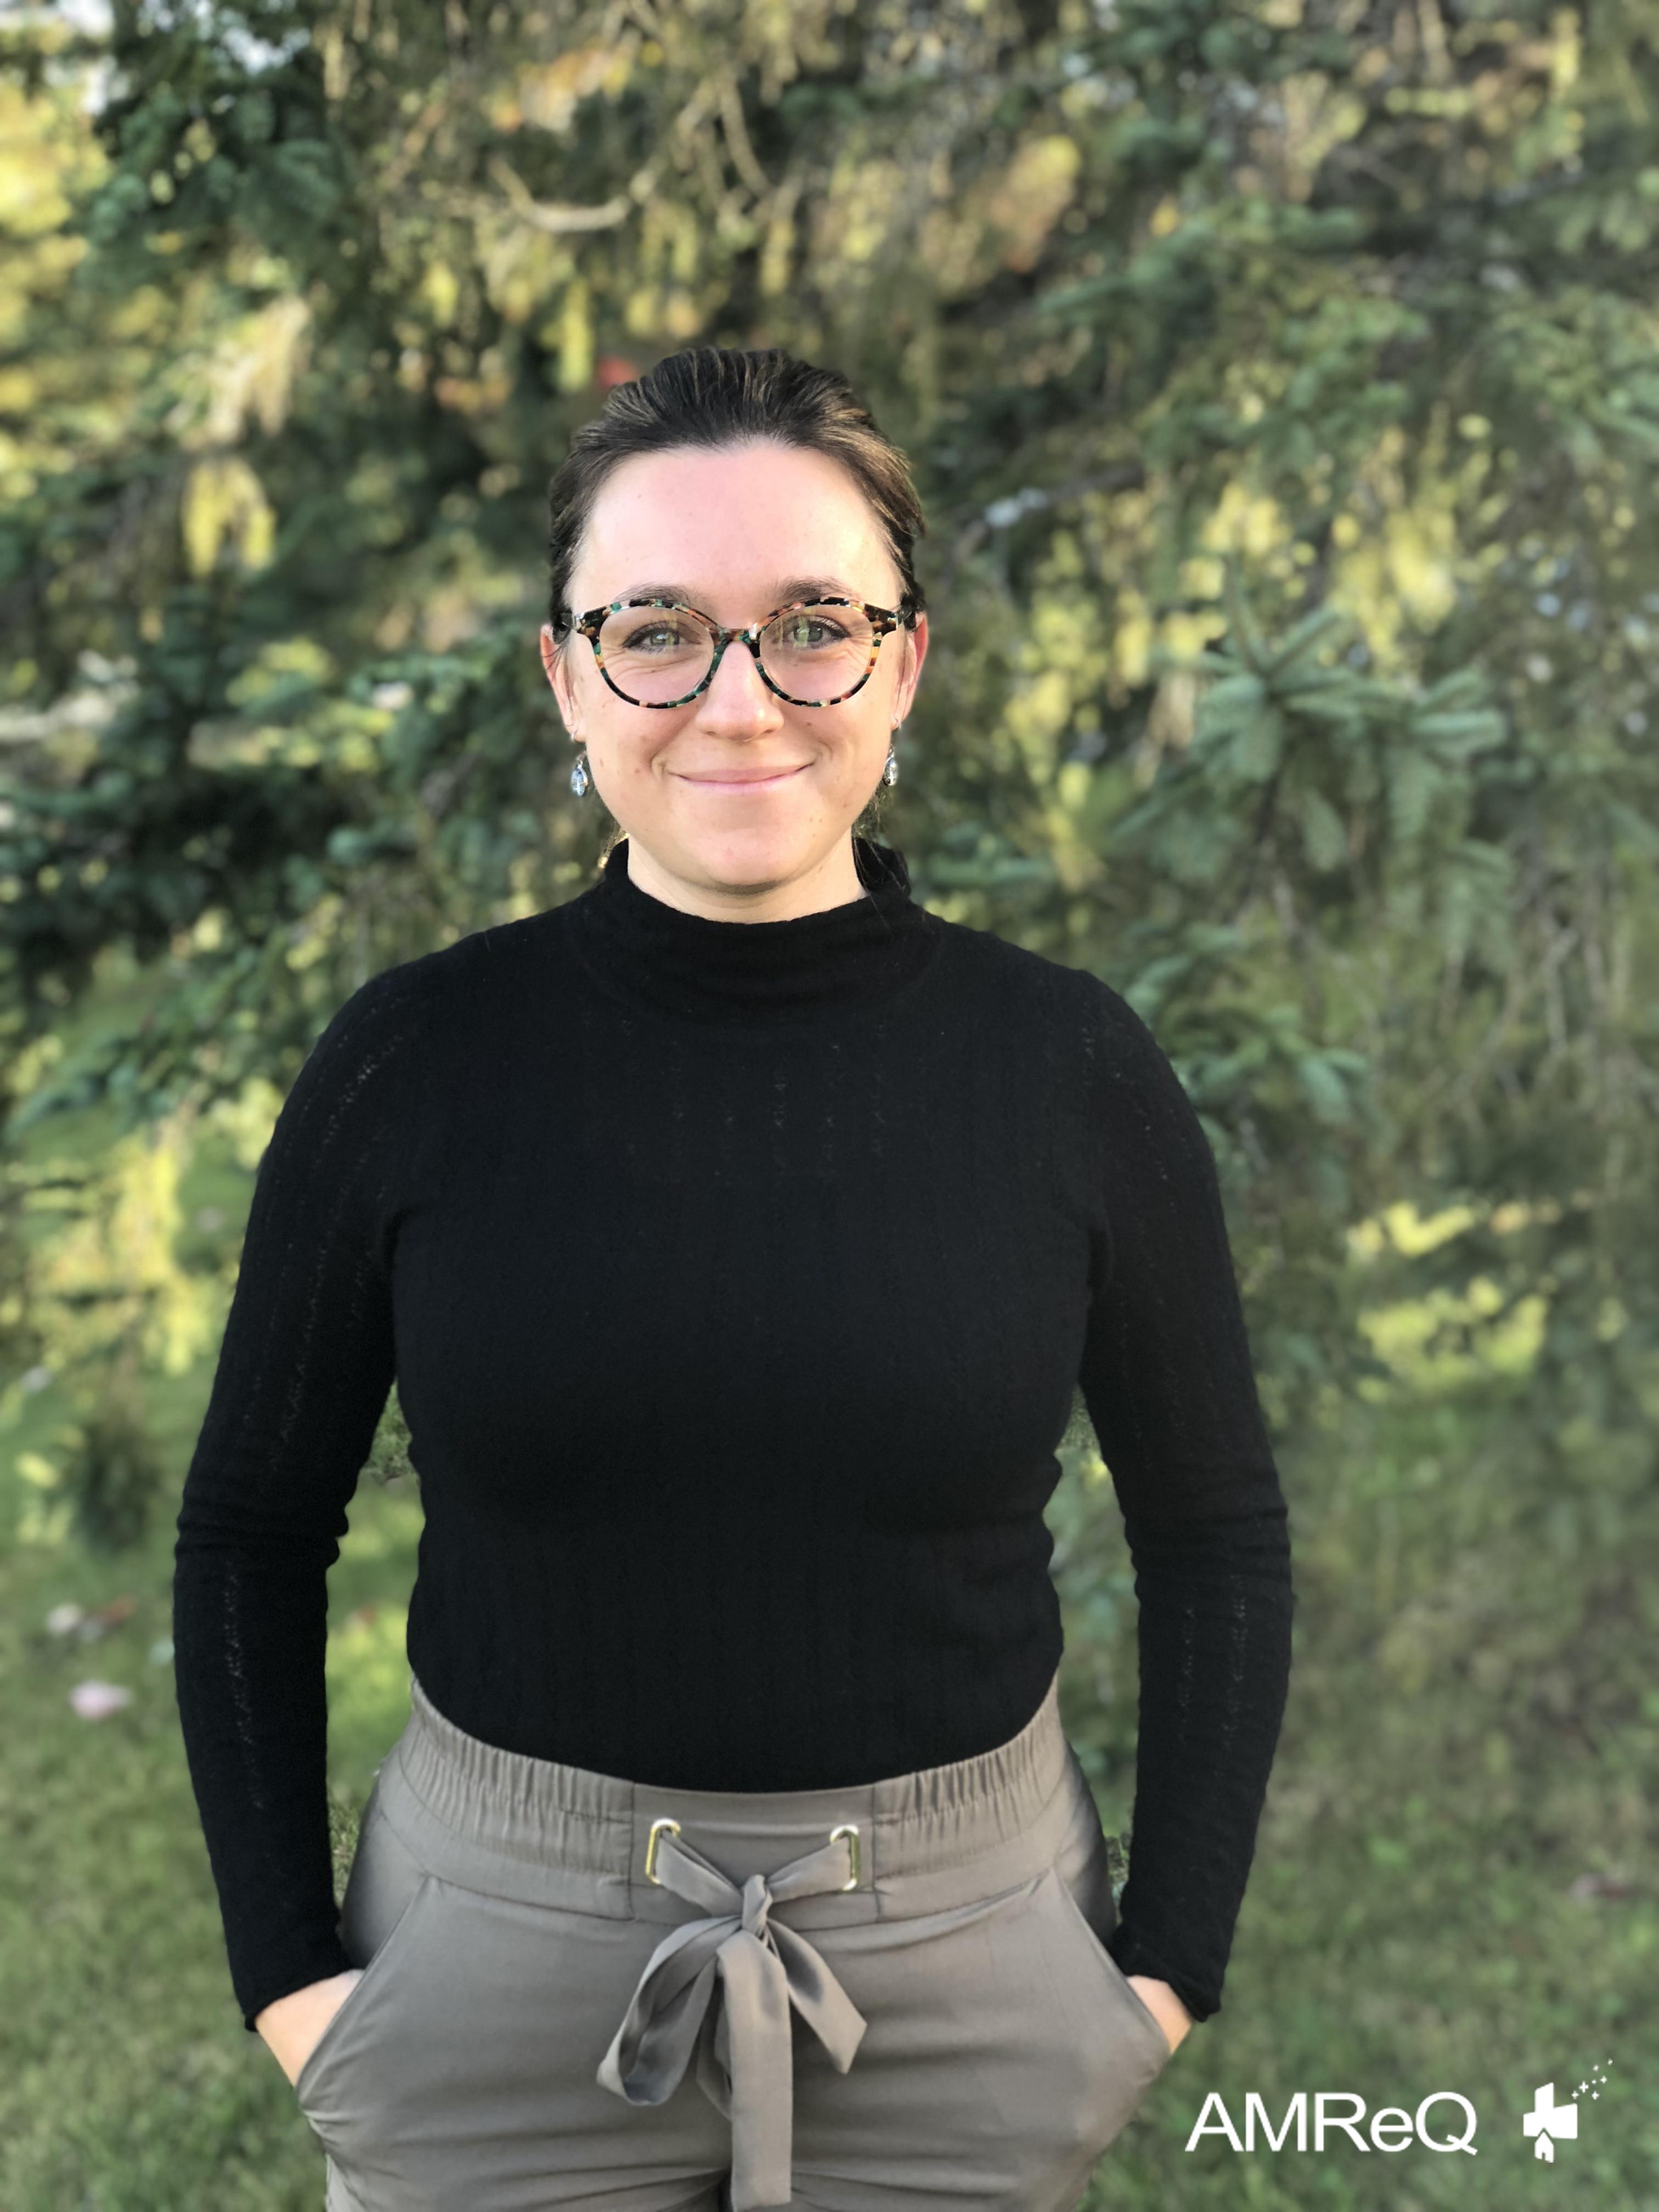 Marie-Frédérique Leclerc